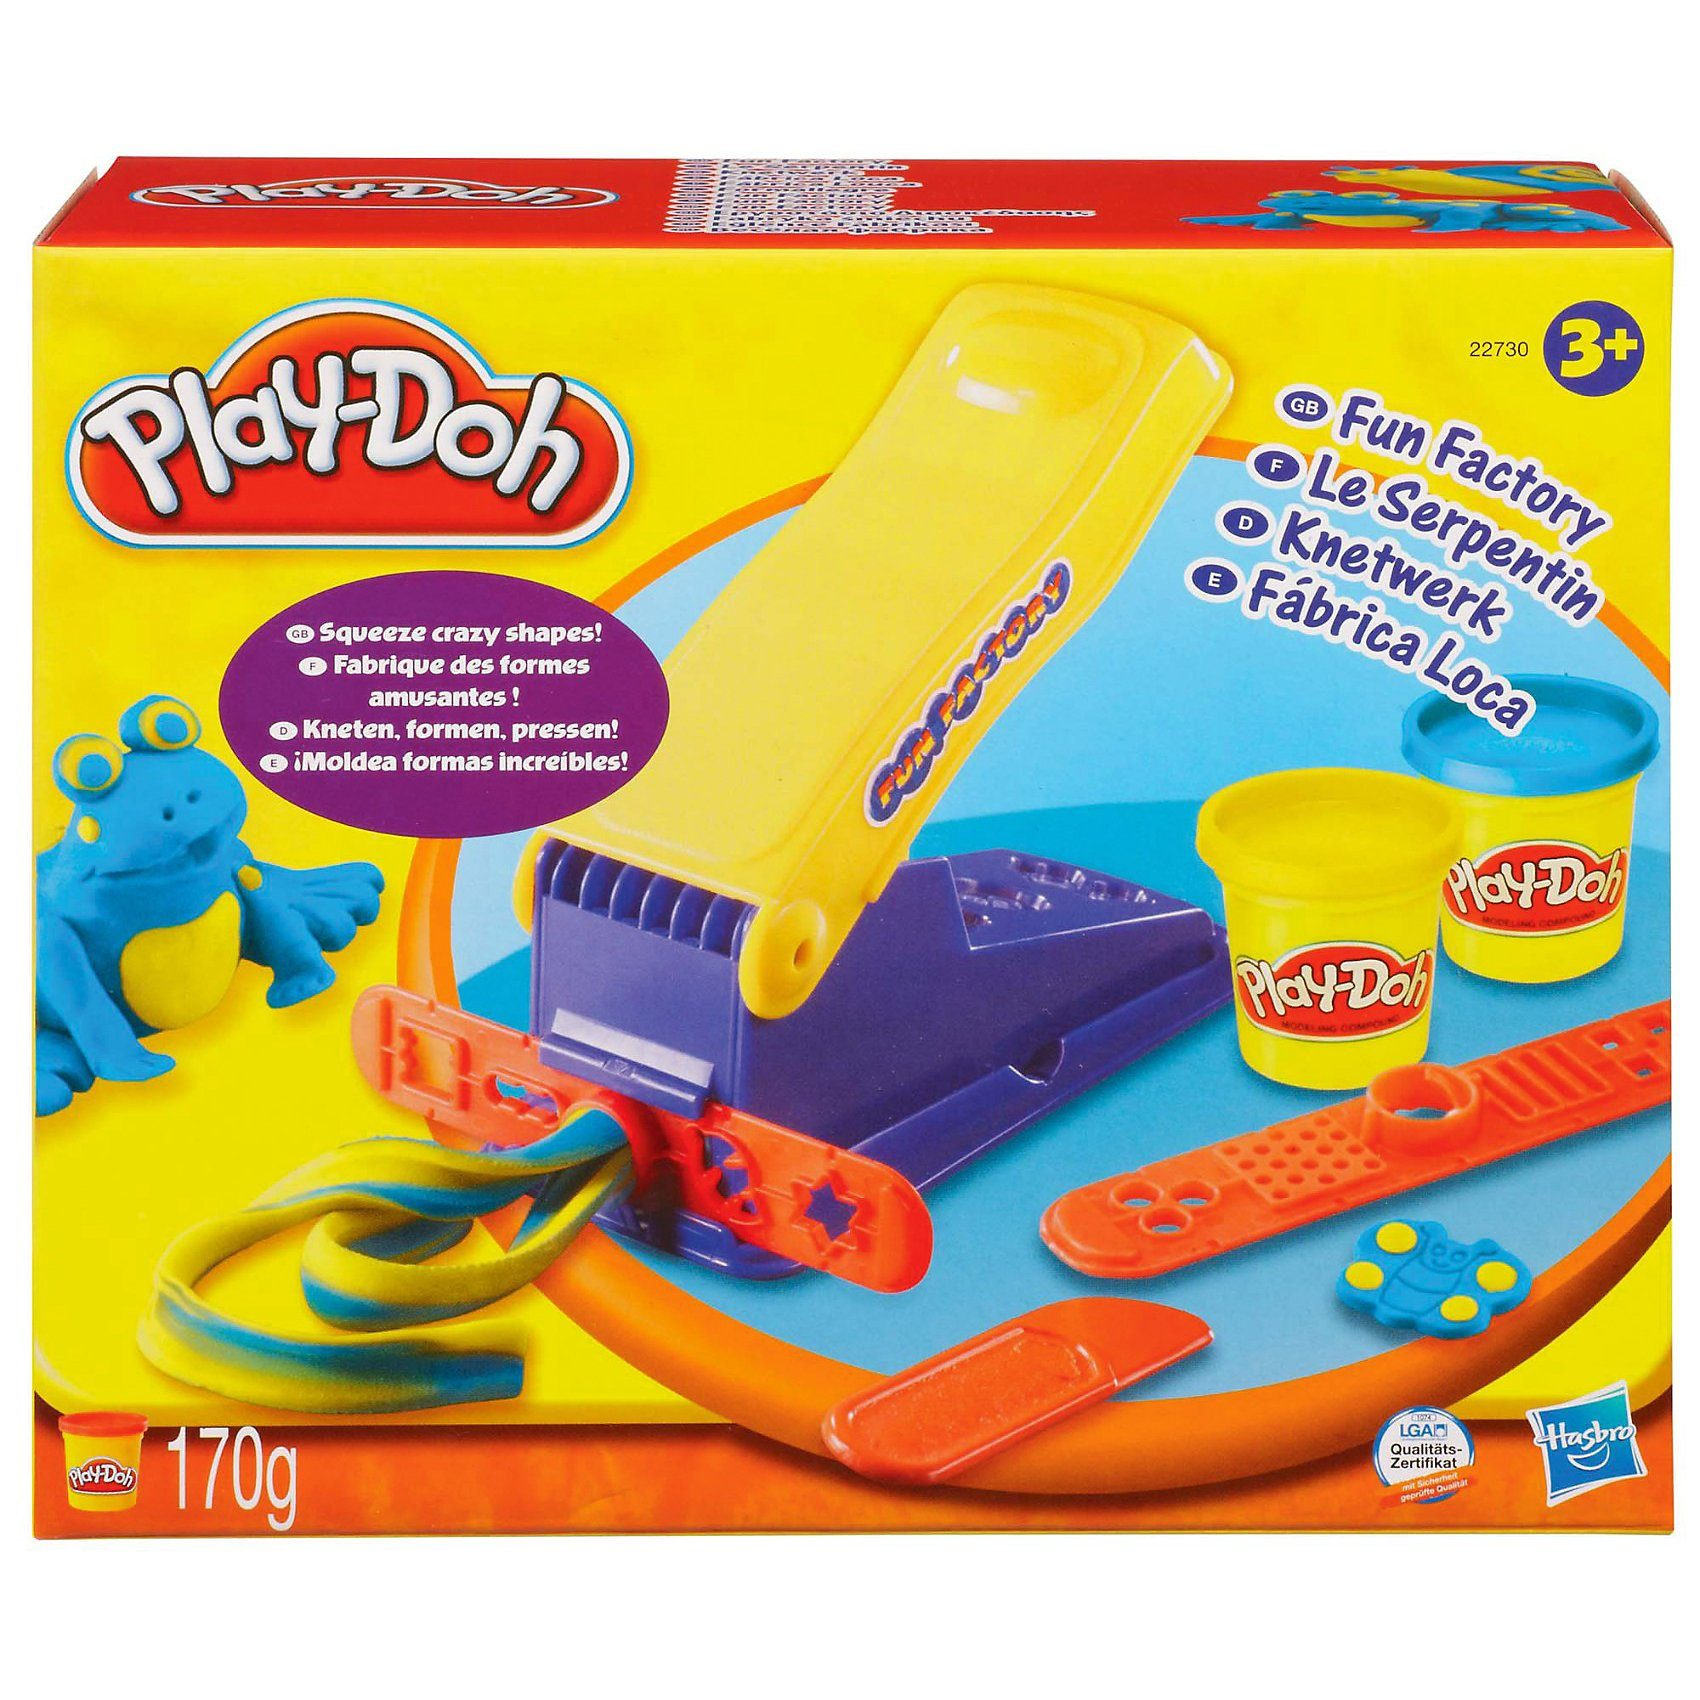 Hasbro Play-Doh - Knetwerk